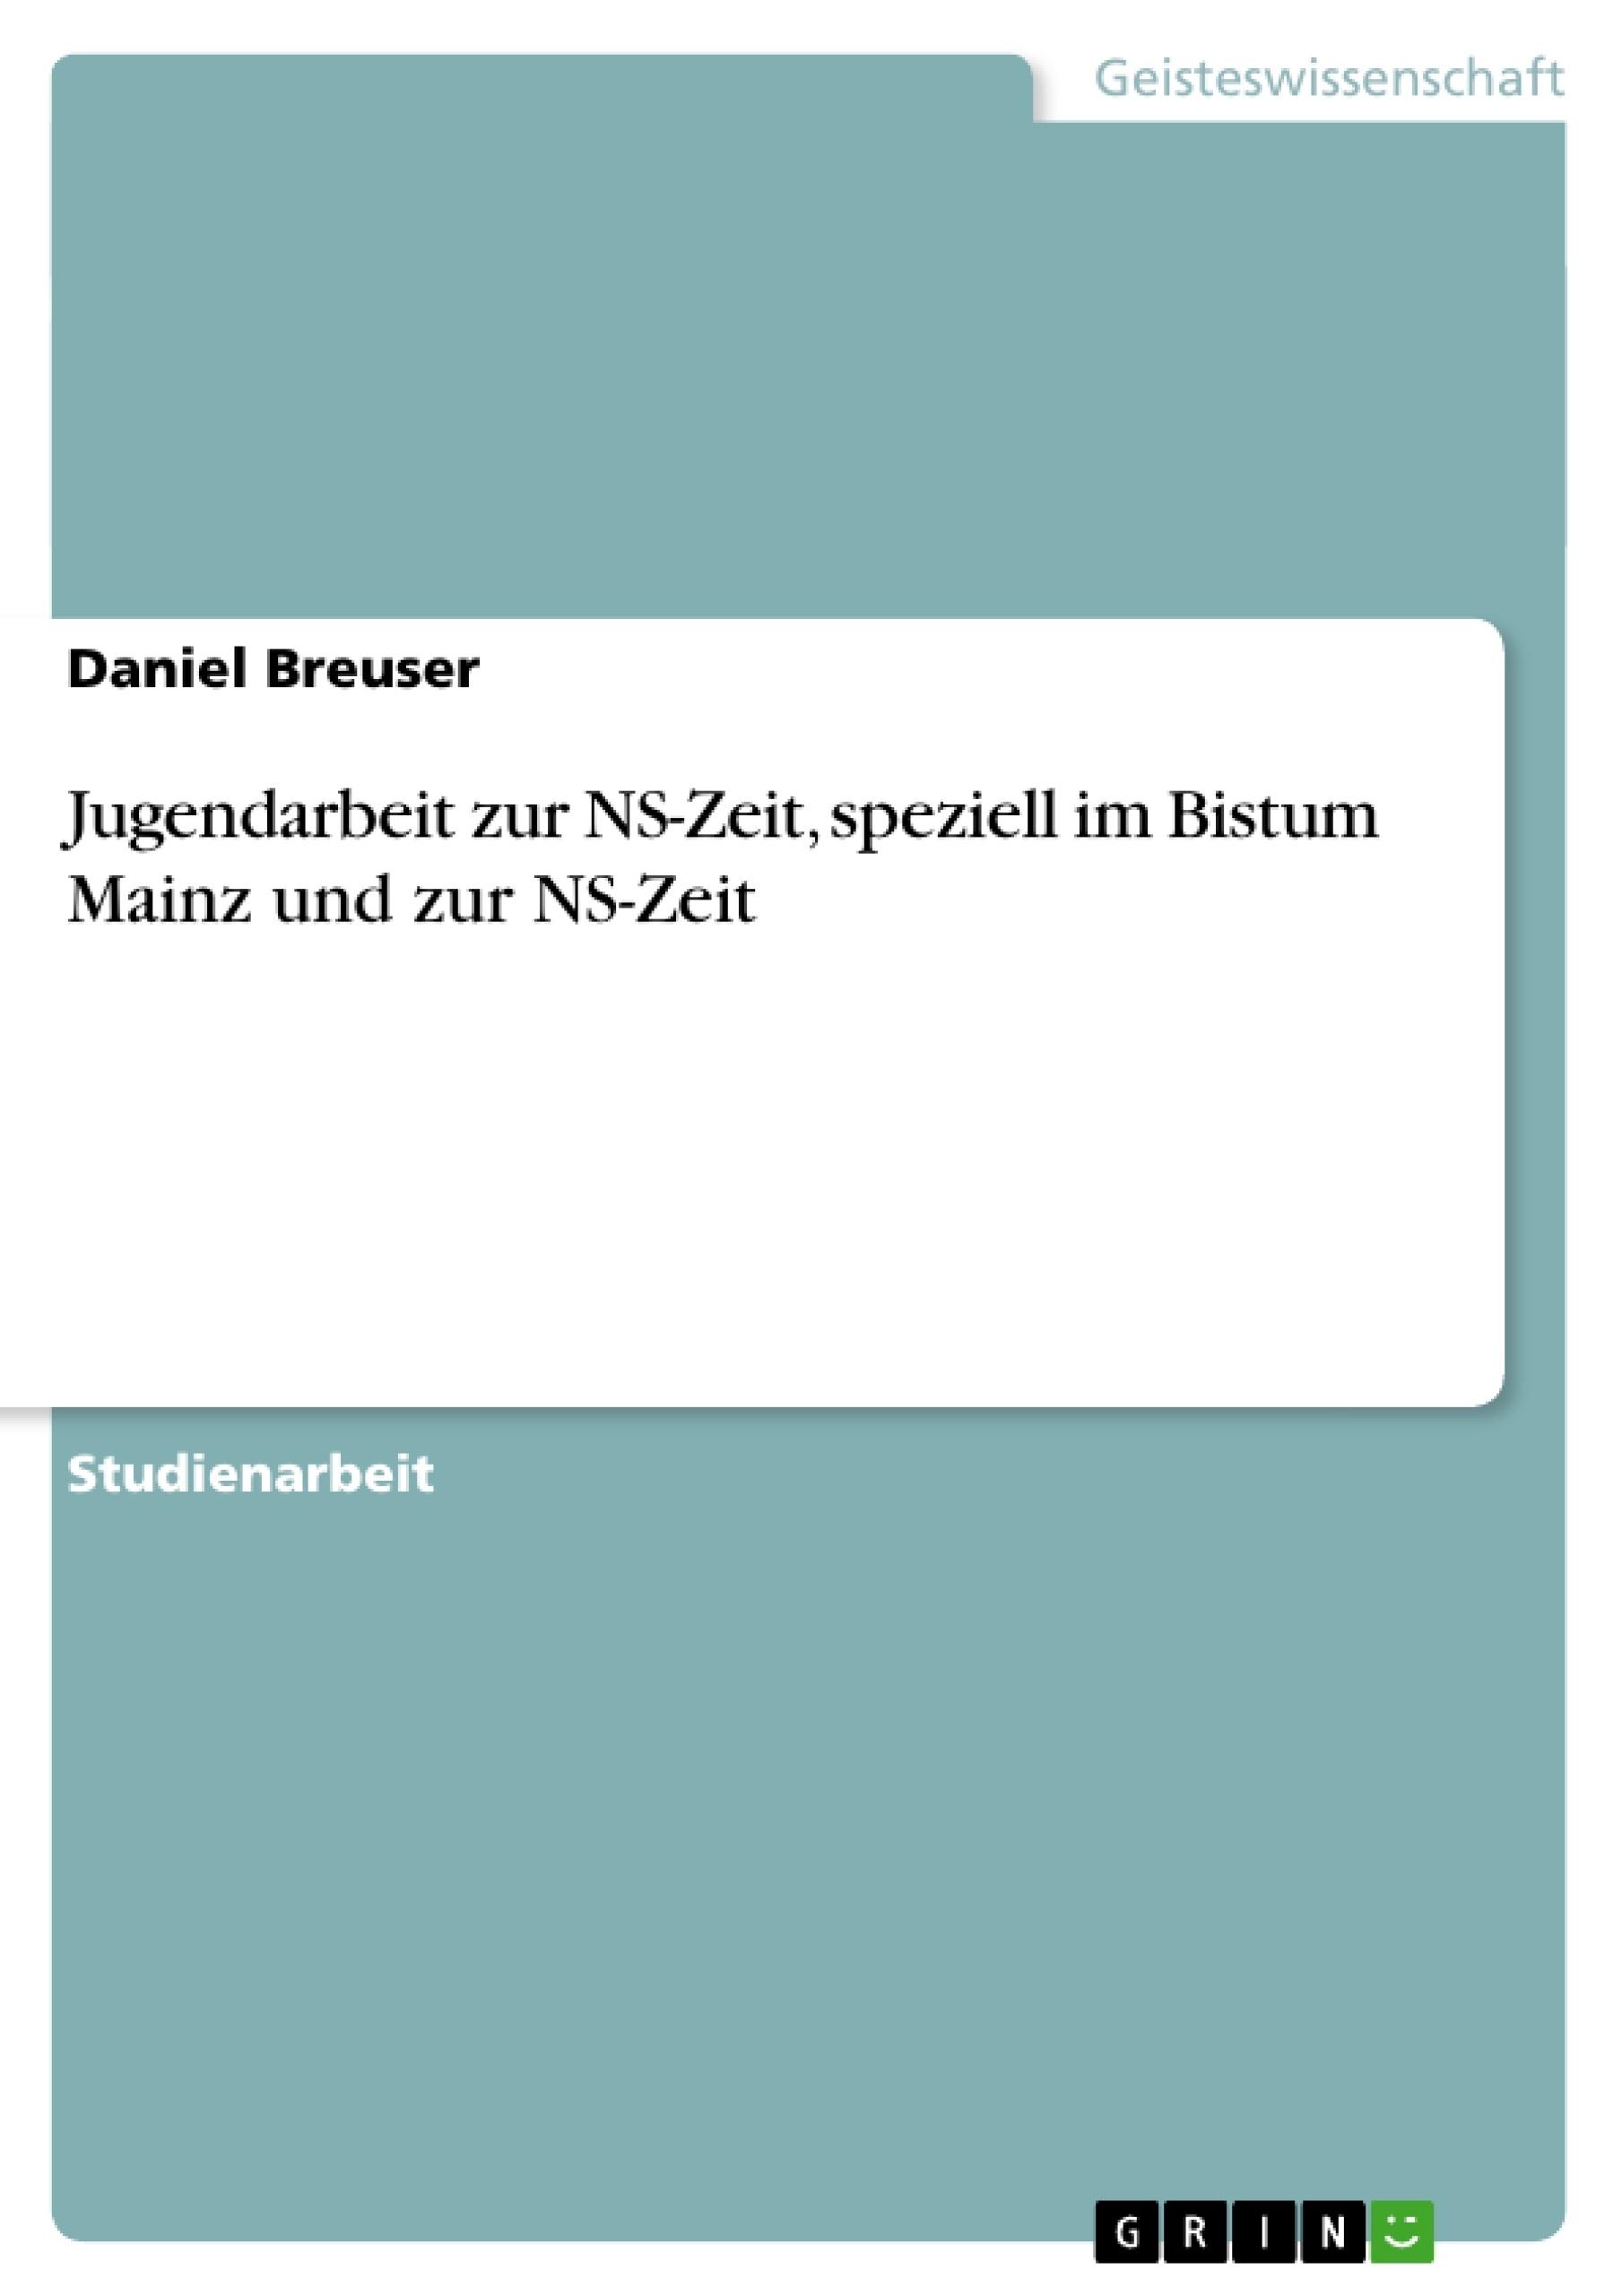 Titel: Jugendarbeit zur NS-Zeit, speziell im Bistum Mainz und zur NS-Zeit